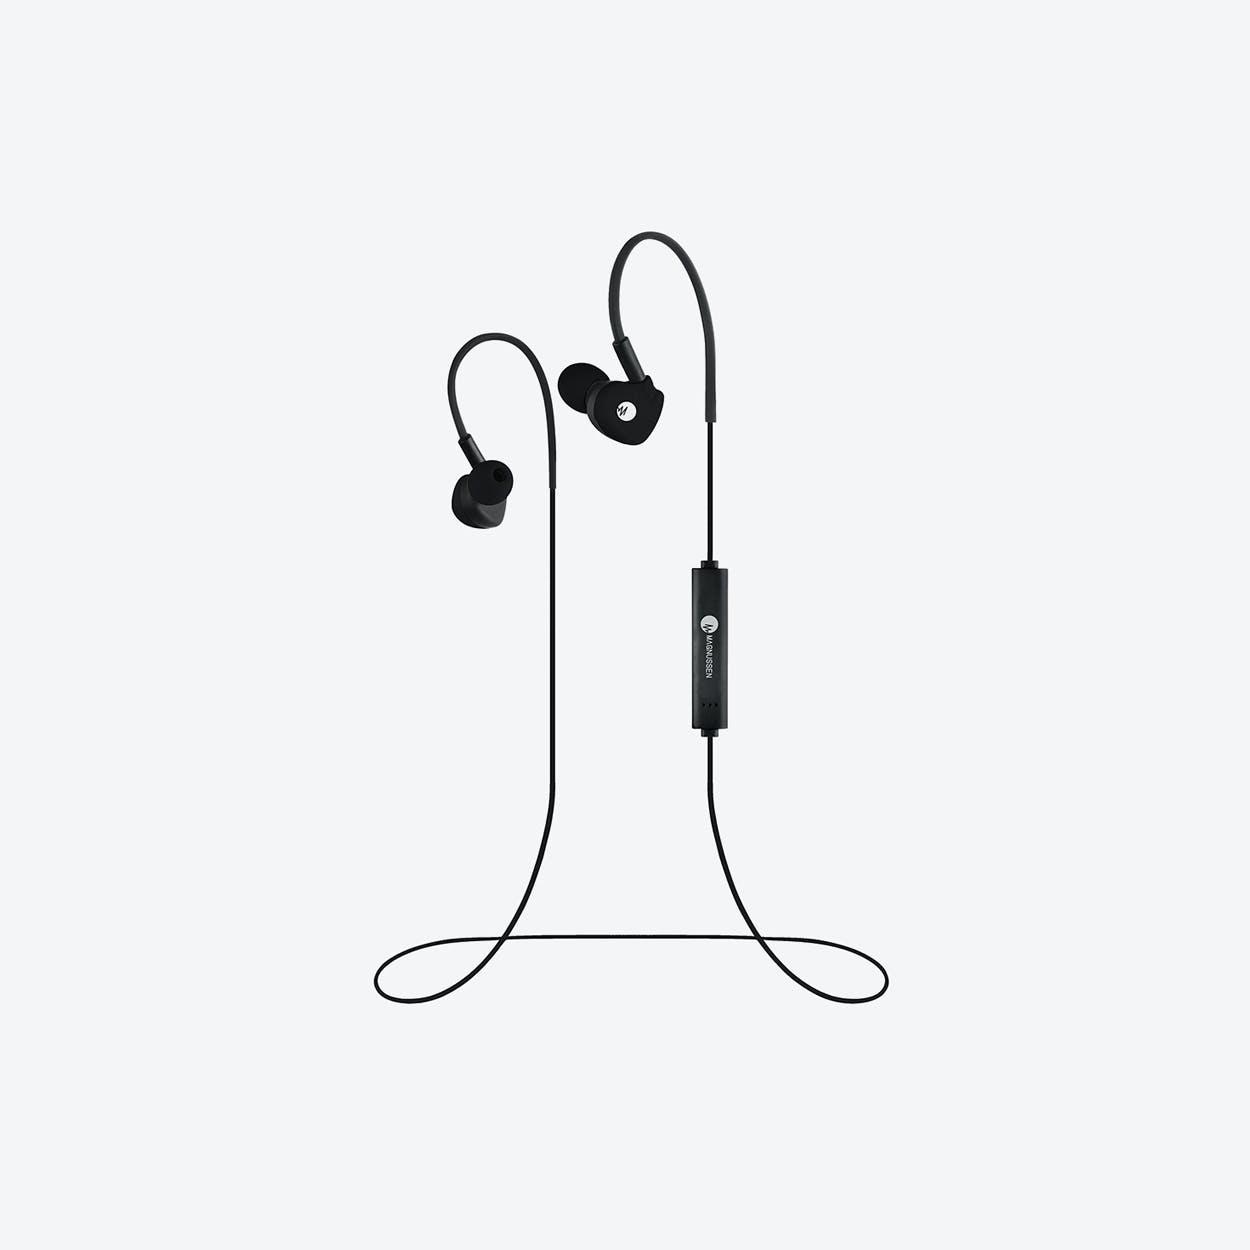 MAGNUSSEN M5 Bluetooth Wireless Earphones in Black